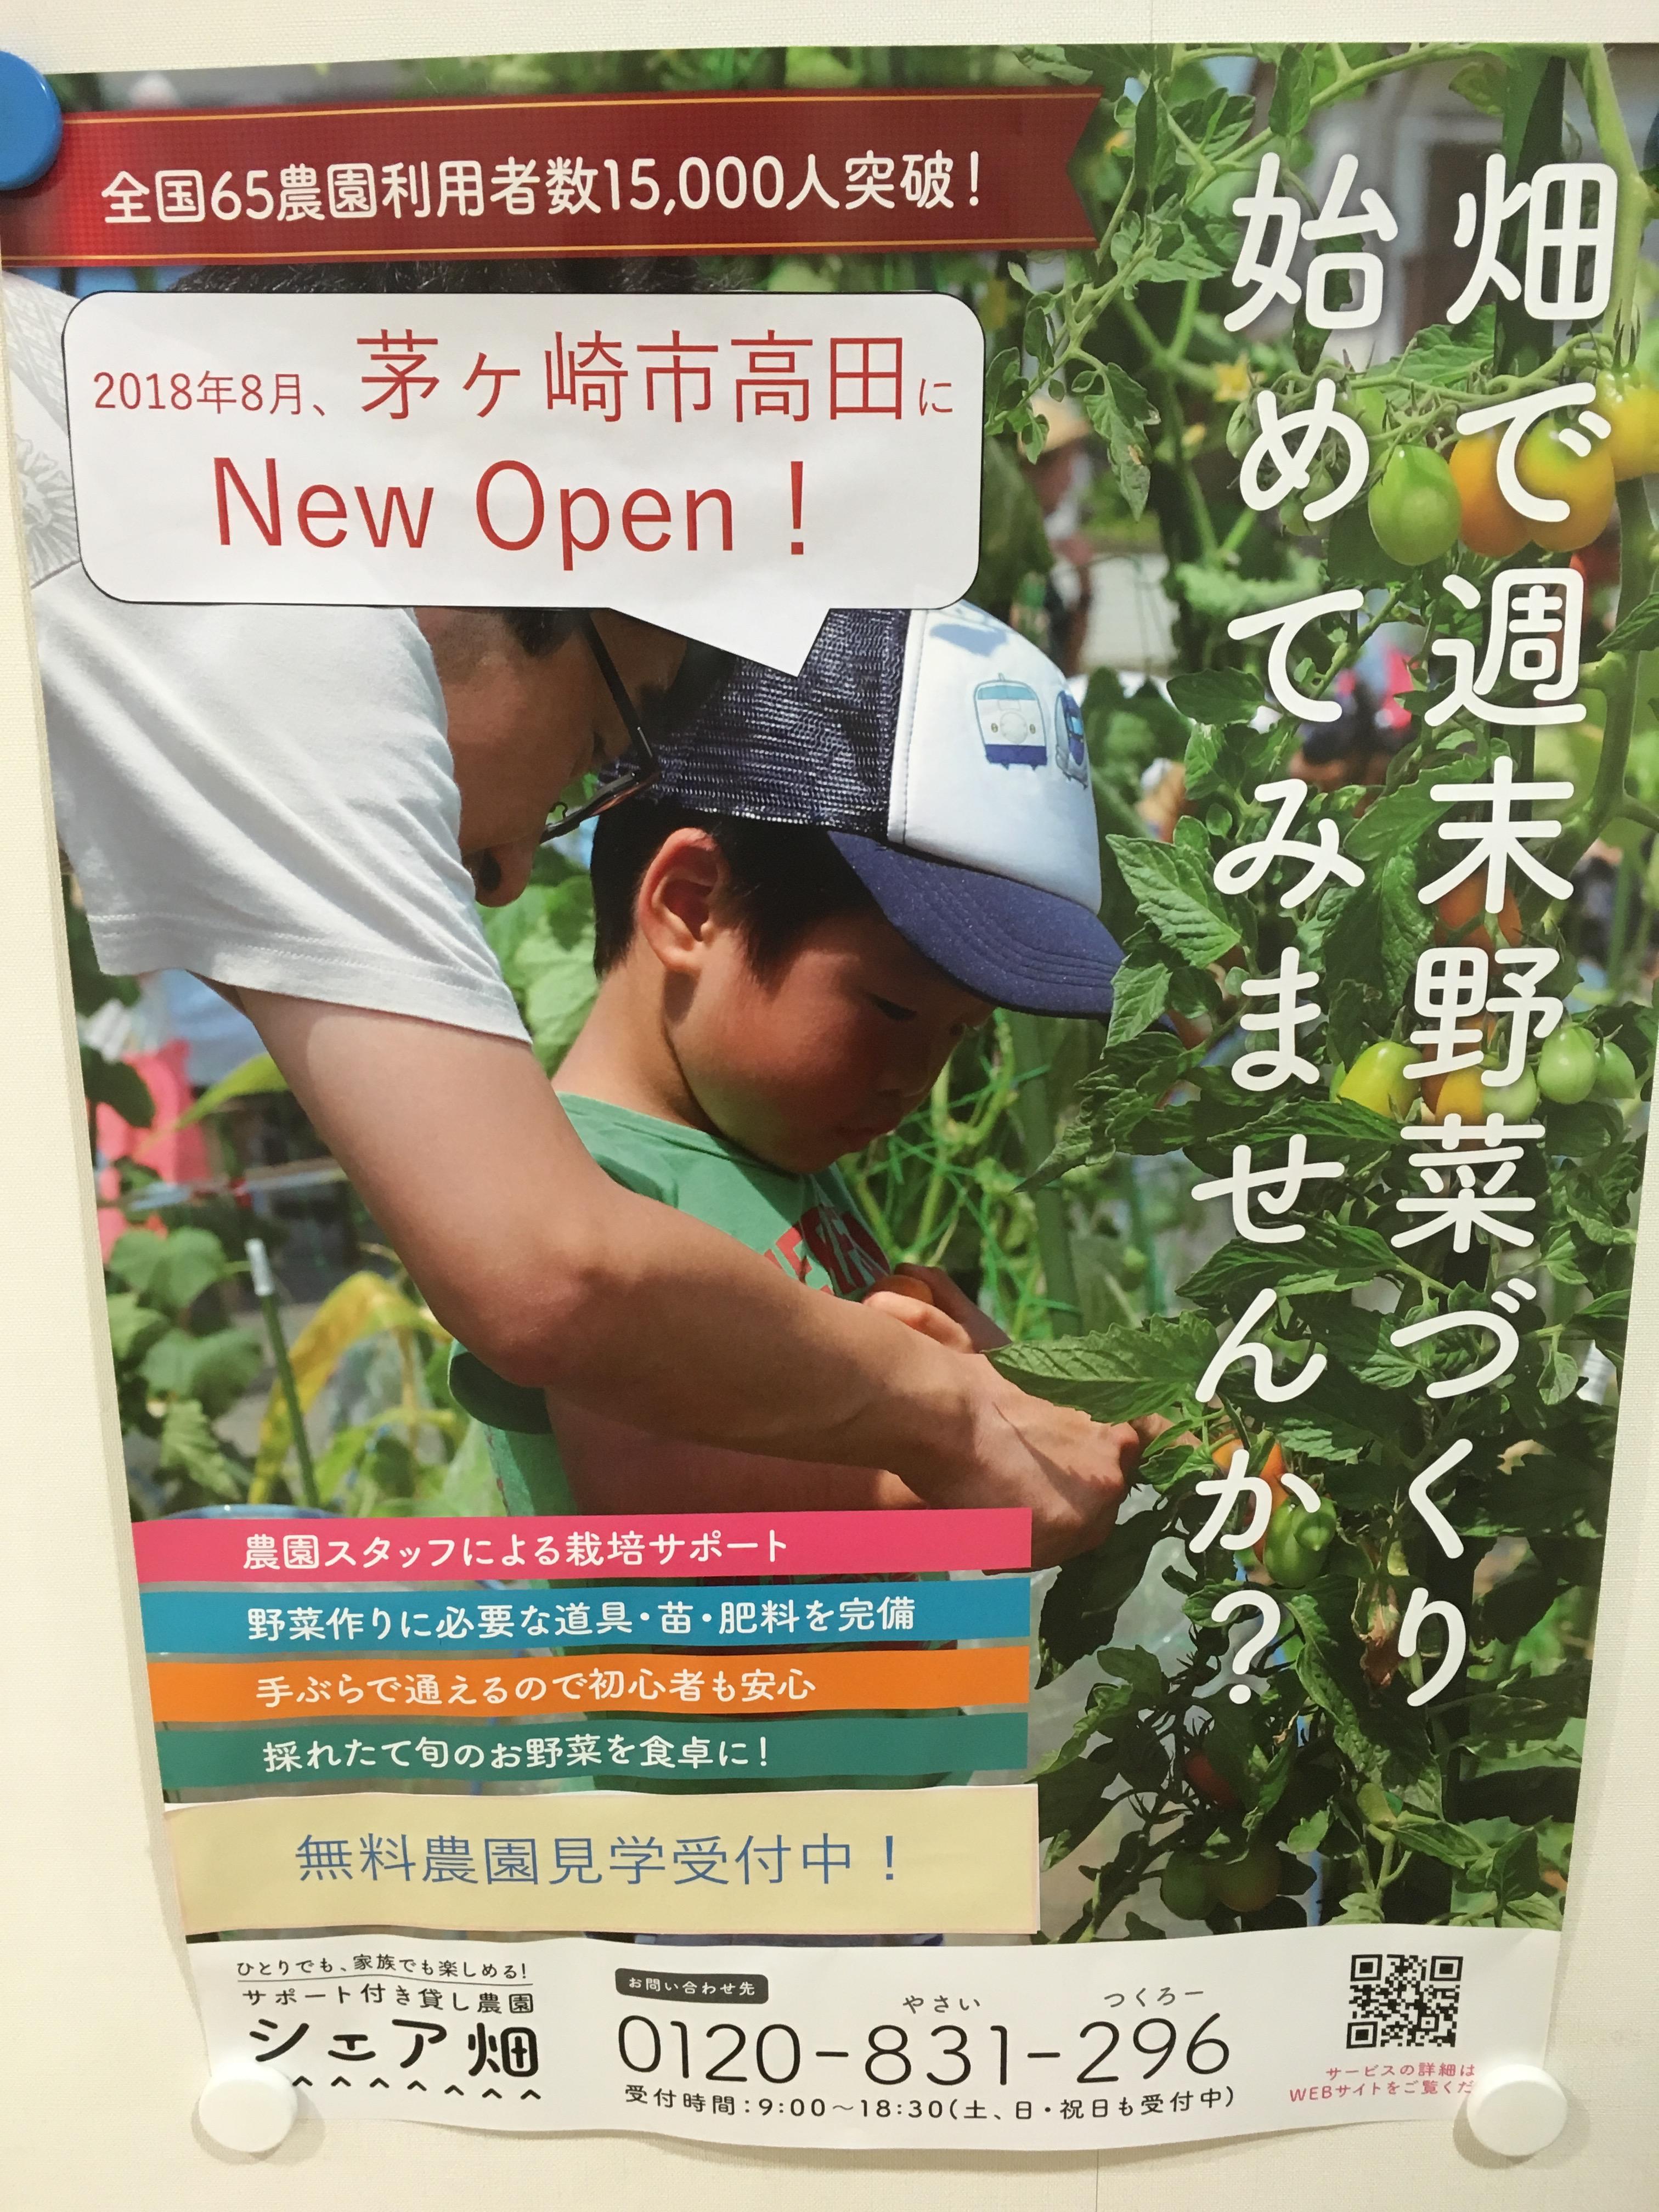 茅ヶ崎市高田にシェア畑がオープン!北茅ヶ崎駅から自転車で6分の好立地です。